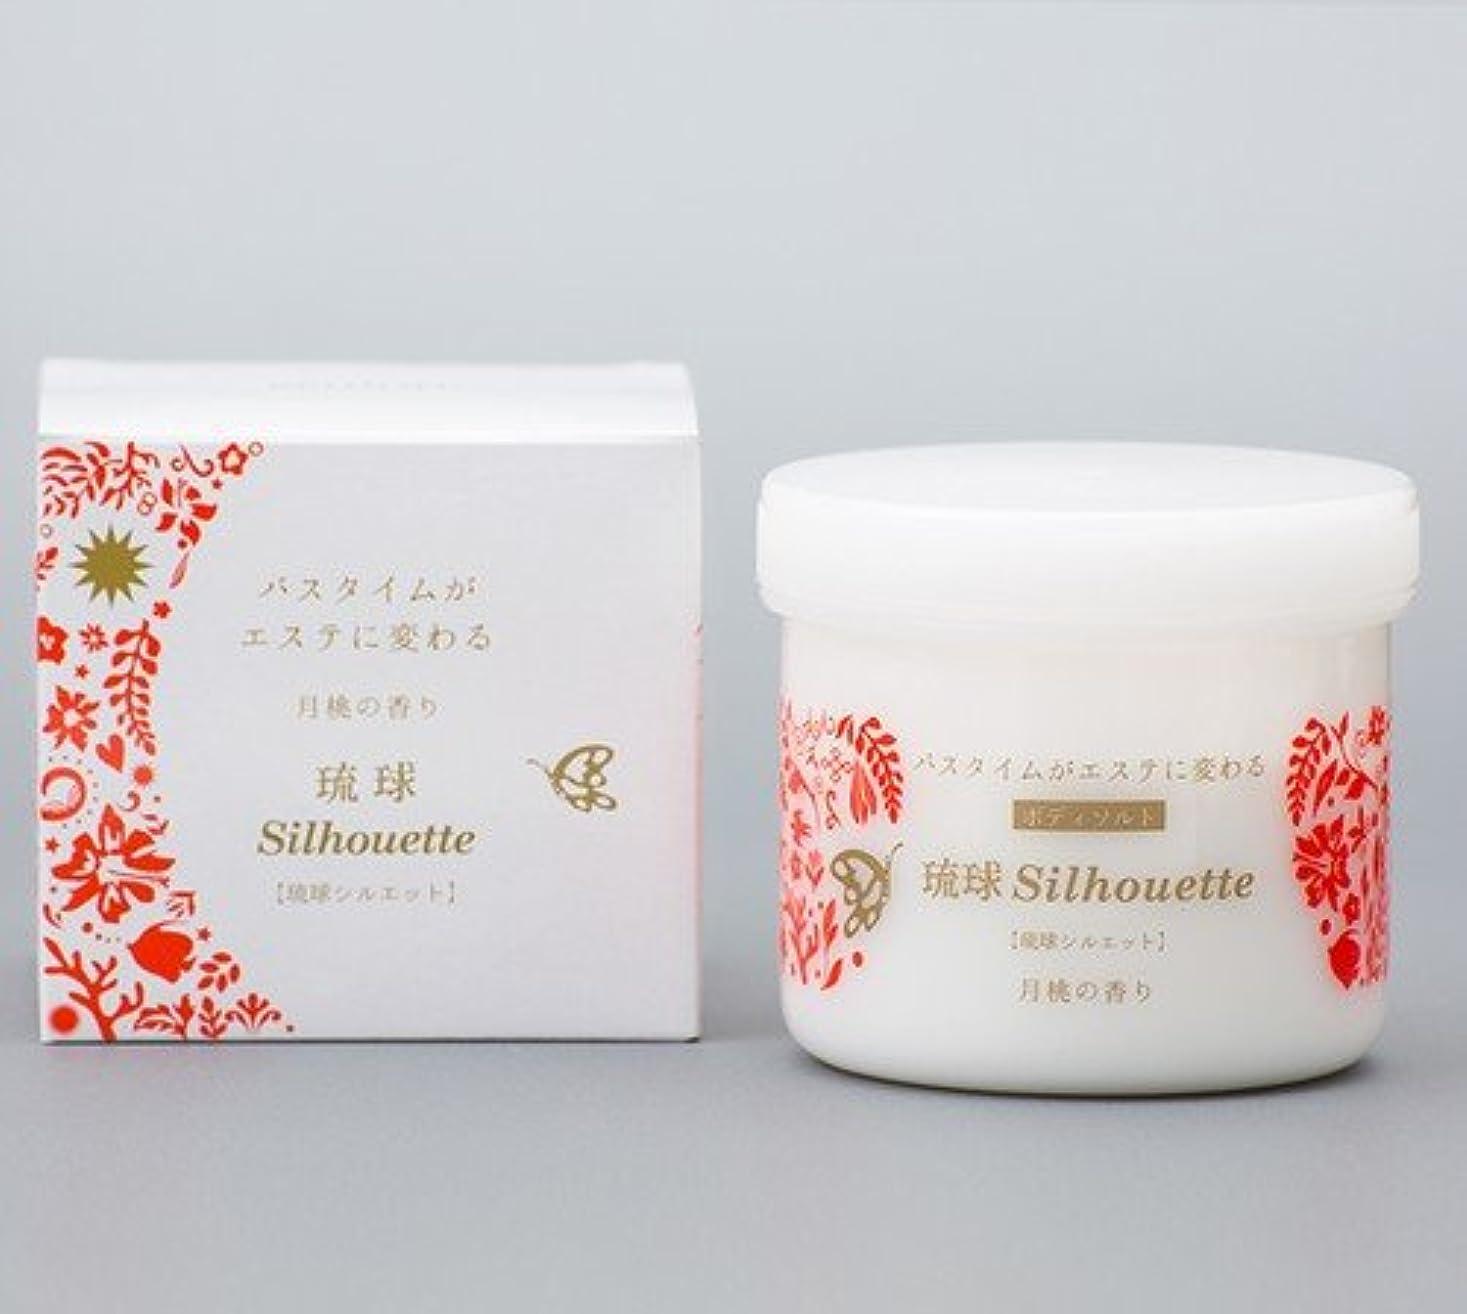 スクリーチ司法ナット月桃の香り 琉球シルエット ソルトソープ(200g)